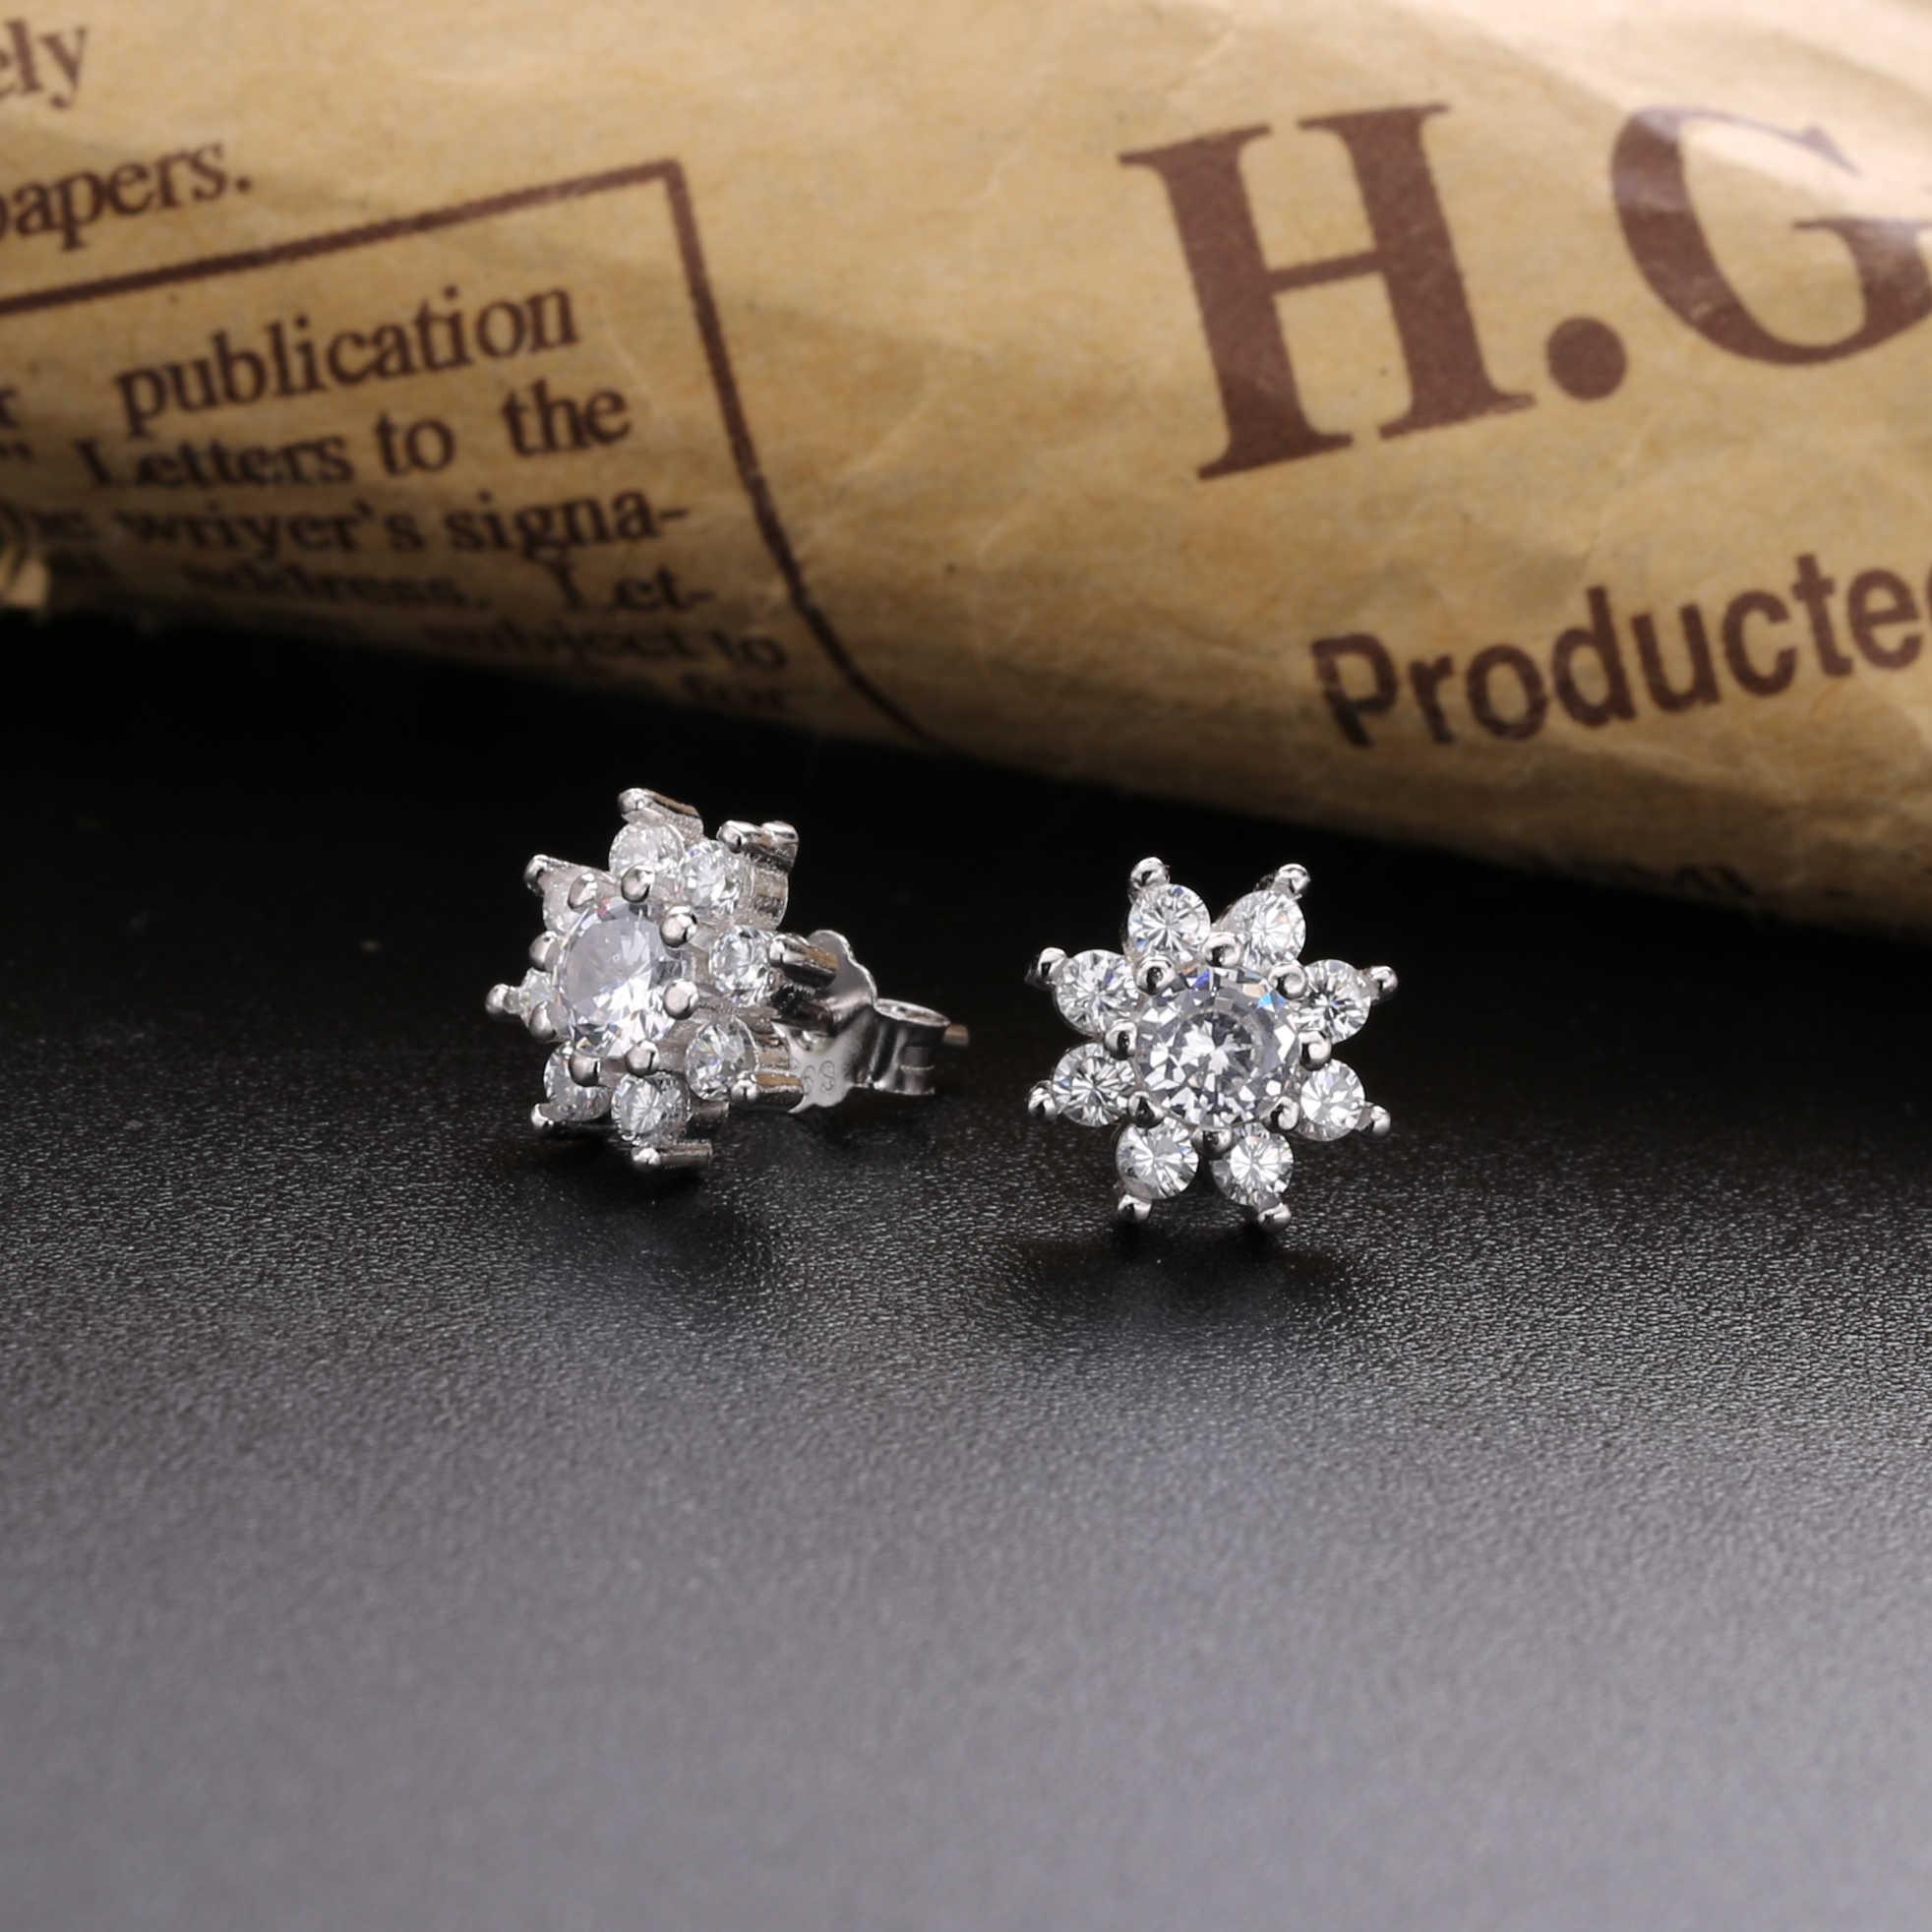 Slovecabin 925 Sterling Silver Cluster Bunga Kristal CZ Stud Anting-Anting Bintang Blossom Telinga Perhiasan untuk Wanita 2019 Modis